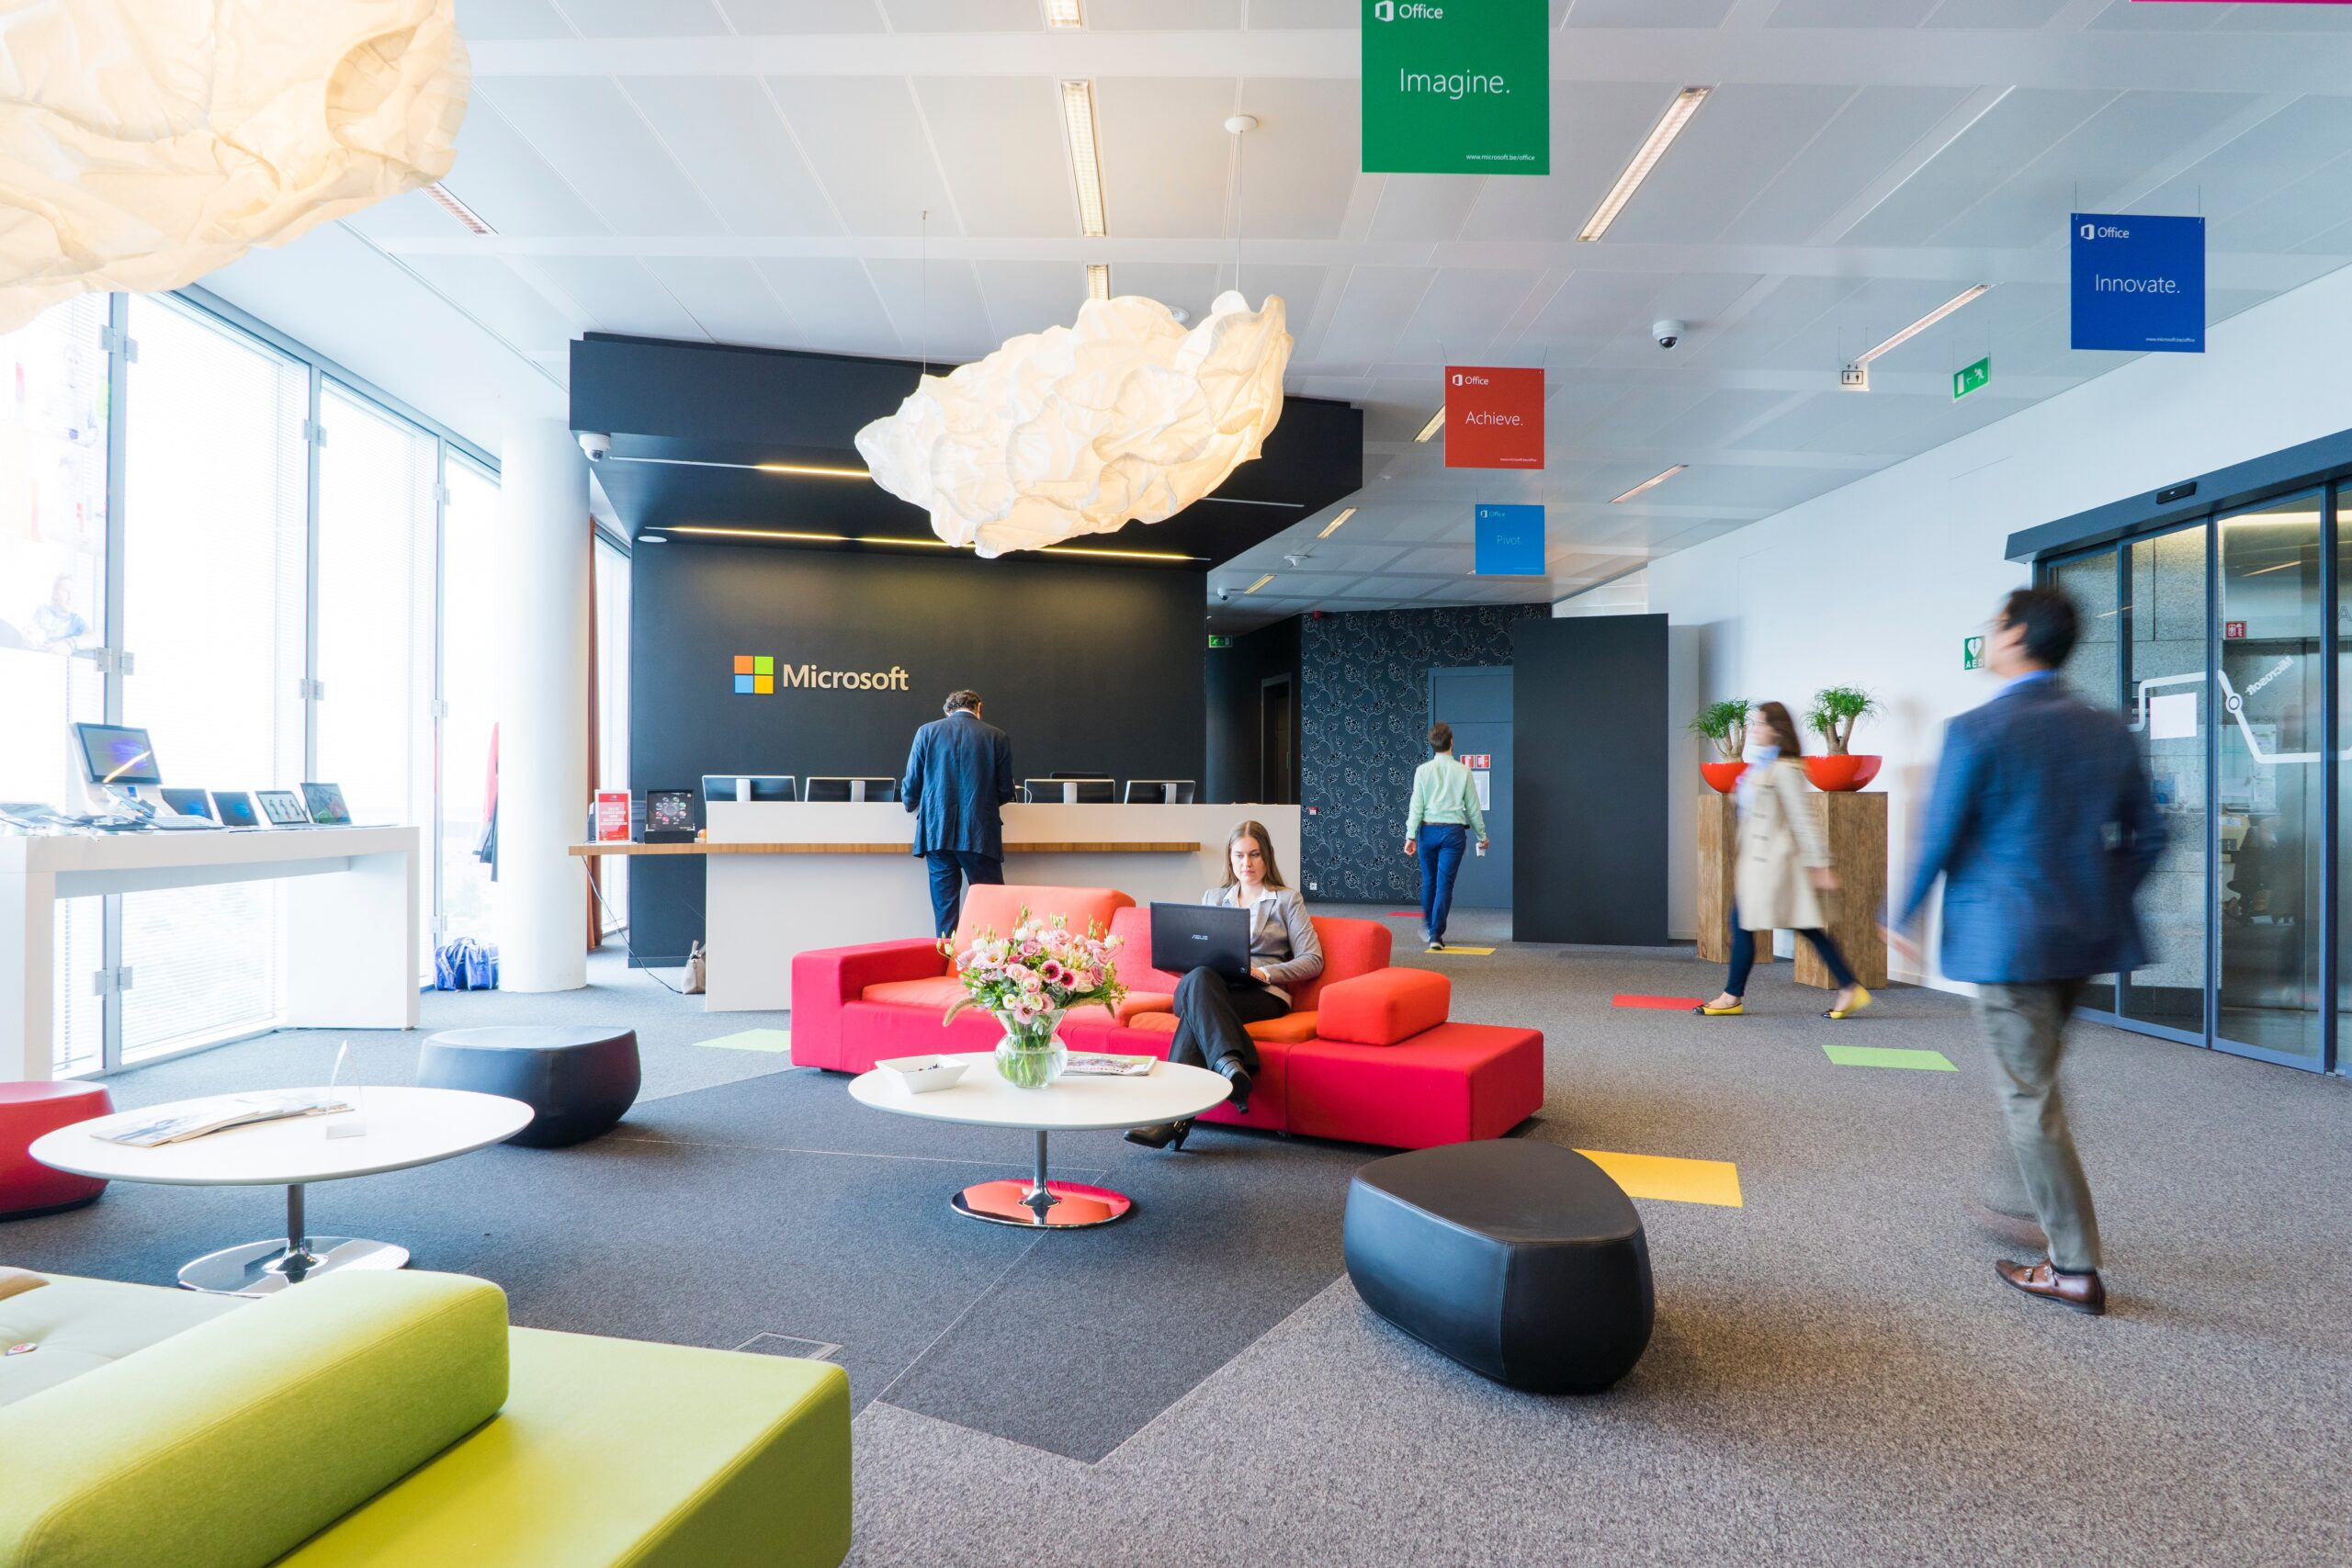 オフィスのエントランスが与える印象②会社のシンボルやメッセージ性を伝えられる